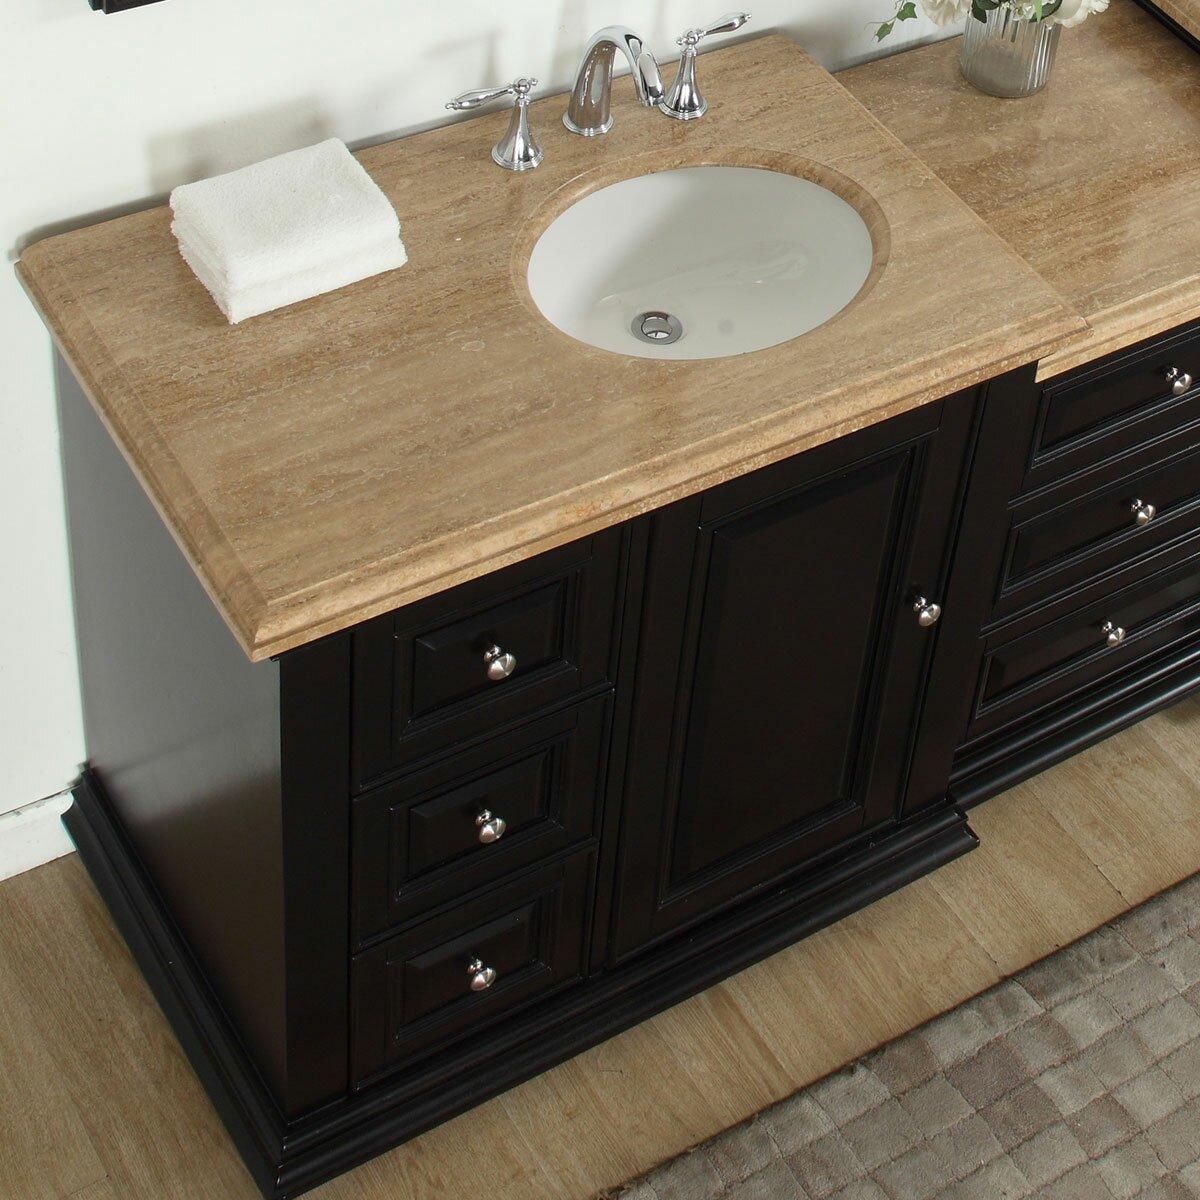 Silkroad Exclusive 56 Single Bathroom Modular Vanity Set With Sink Of Right Reviews Wayfair